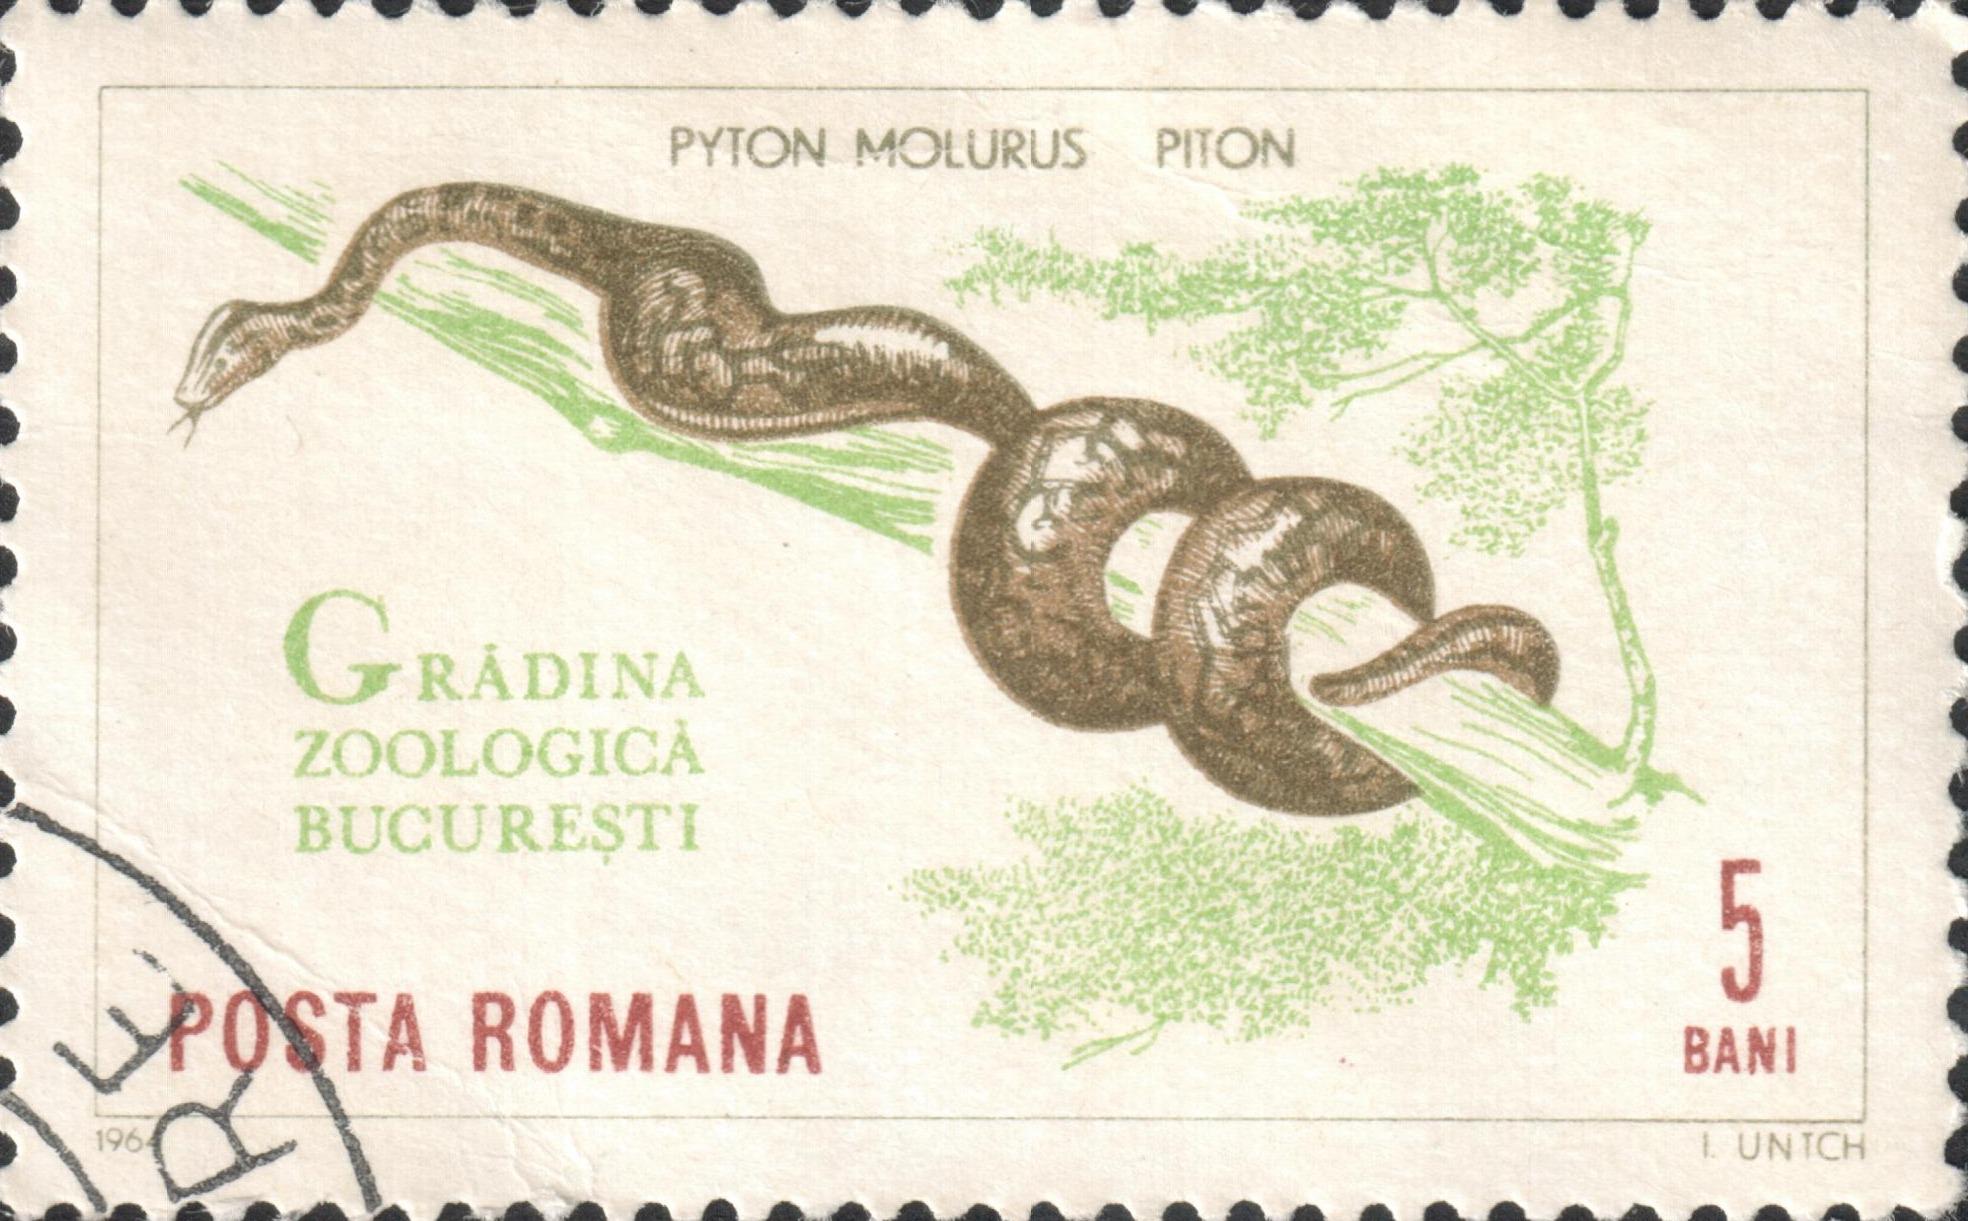 Тигровый питон (Python molurus)